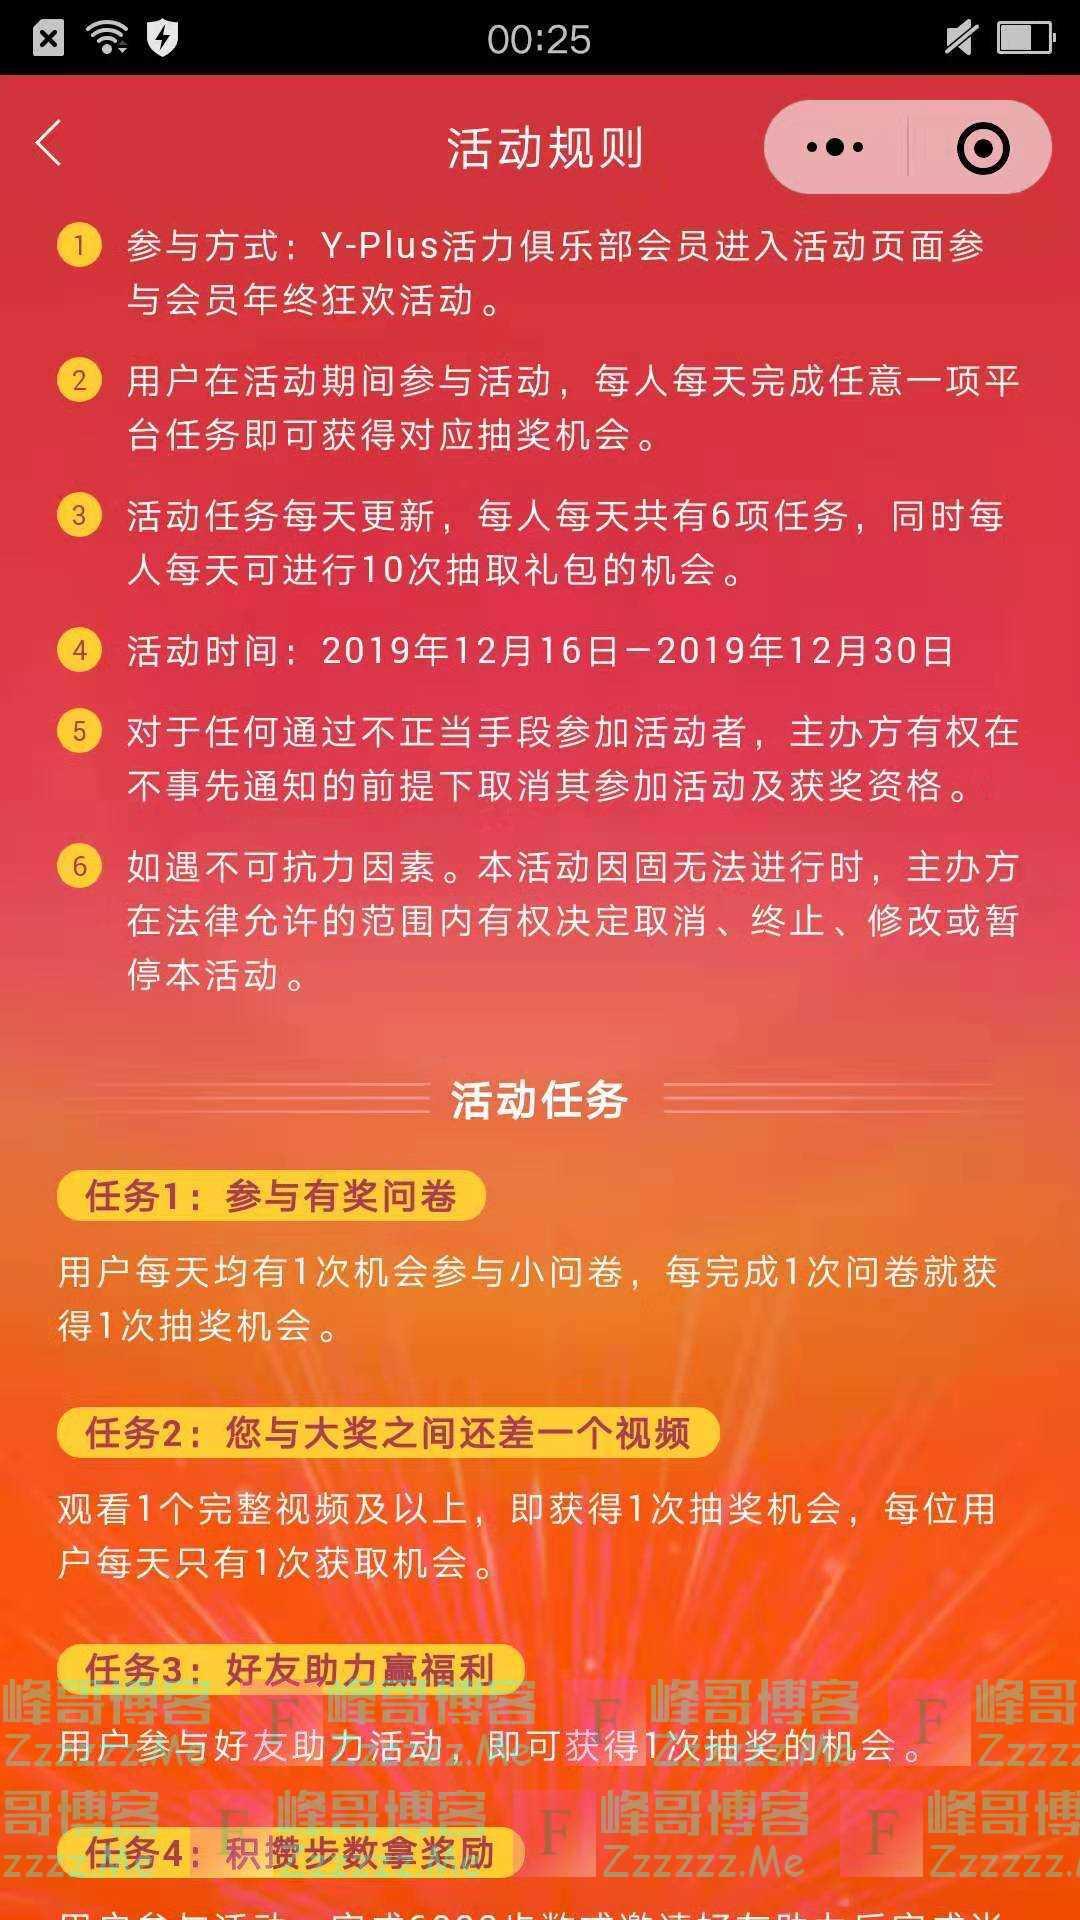 伊利Yplus活力俱乐部年终会员狂欢节(截止12月30日)